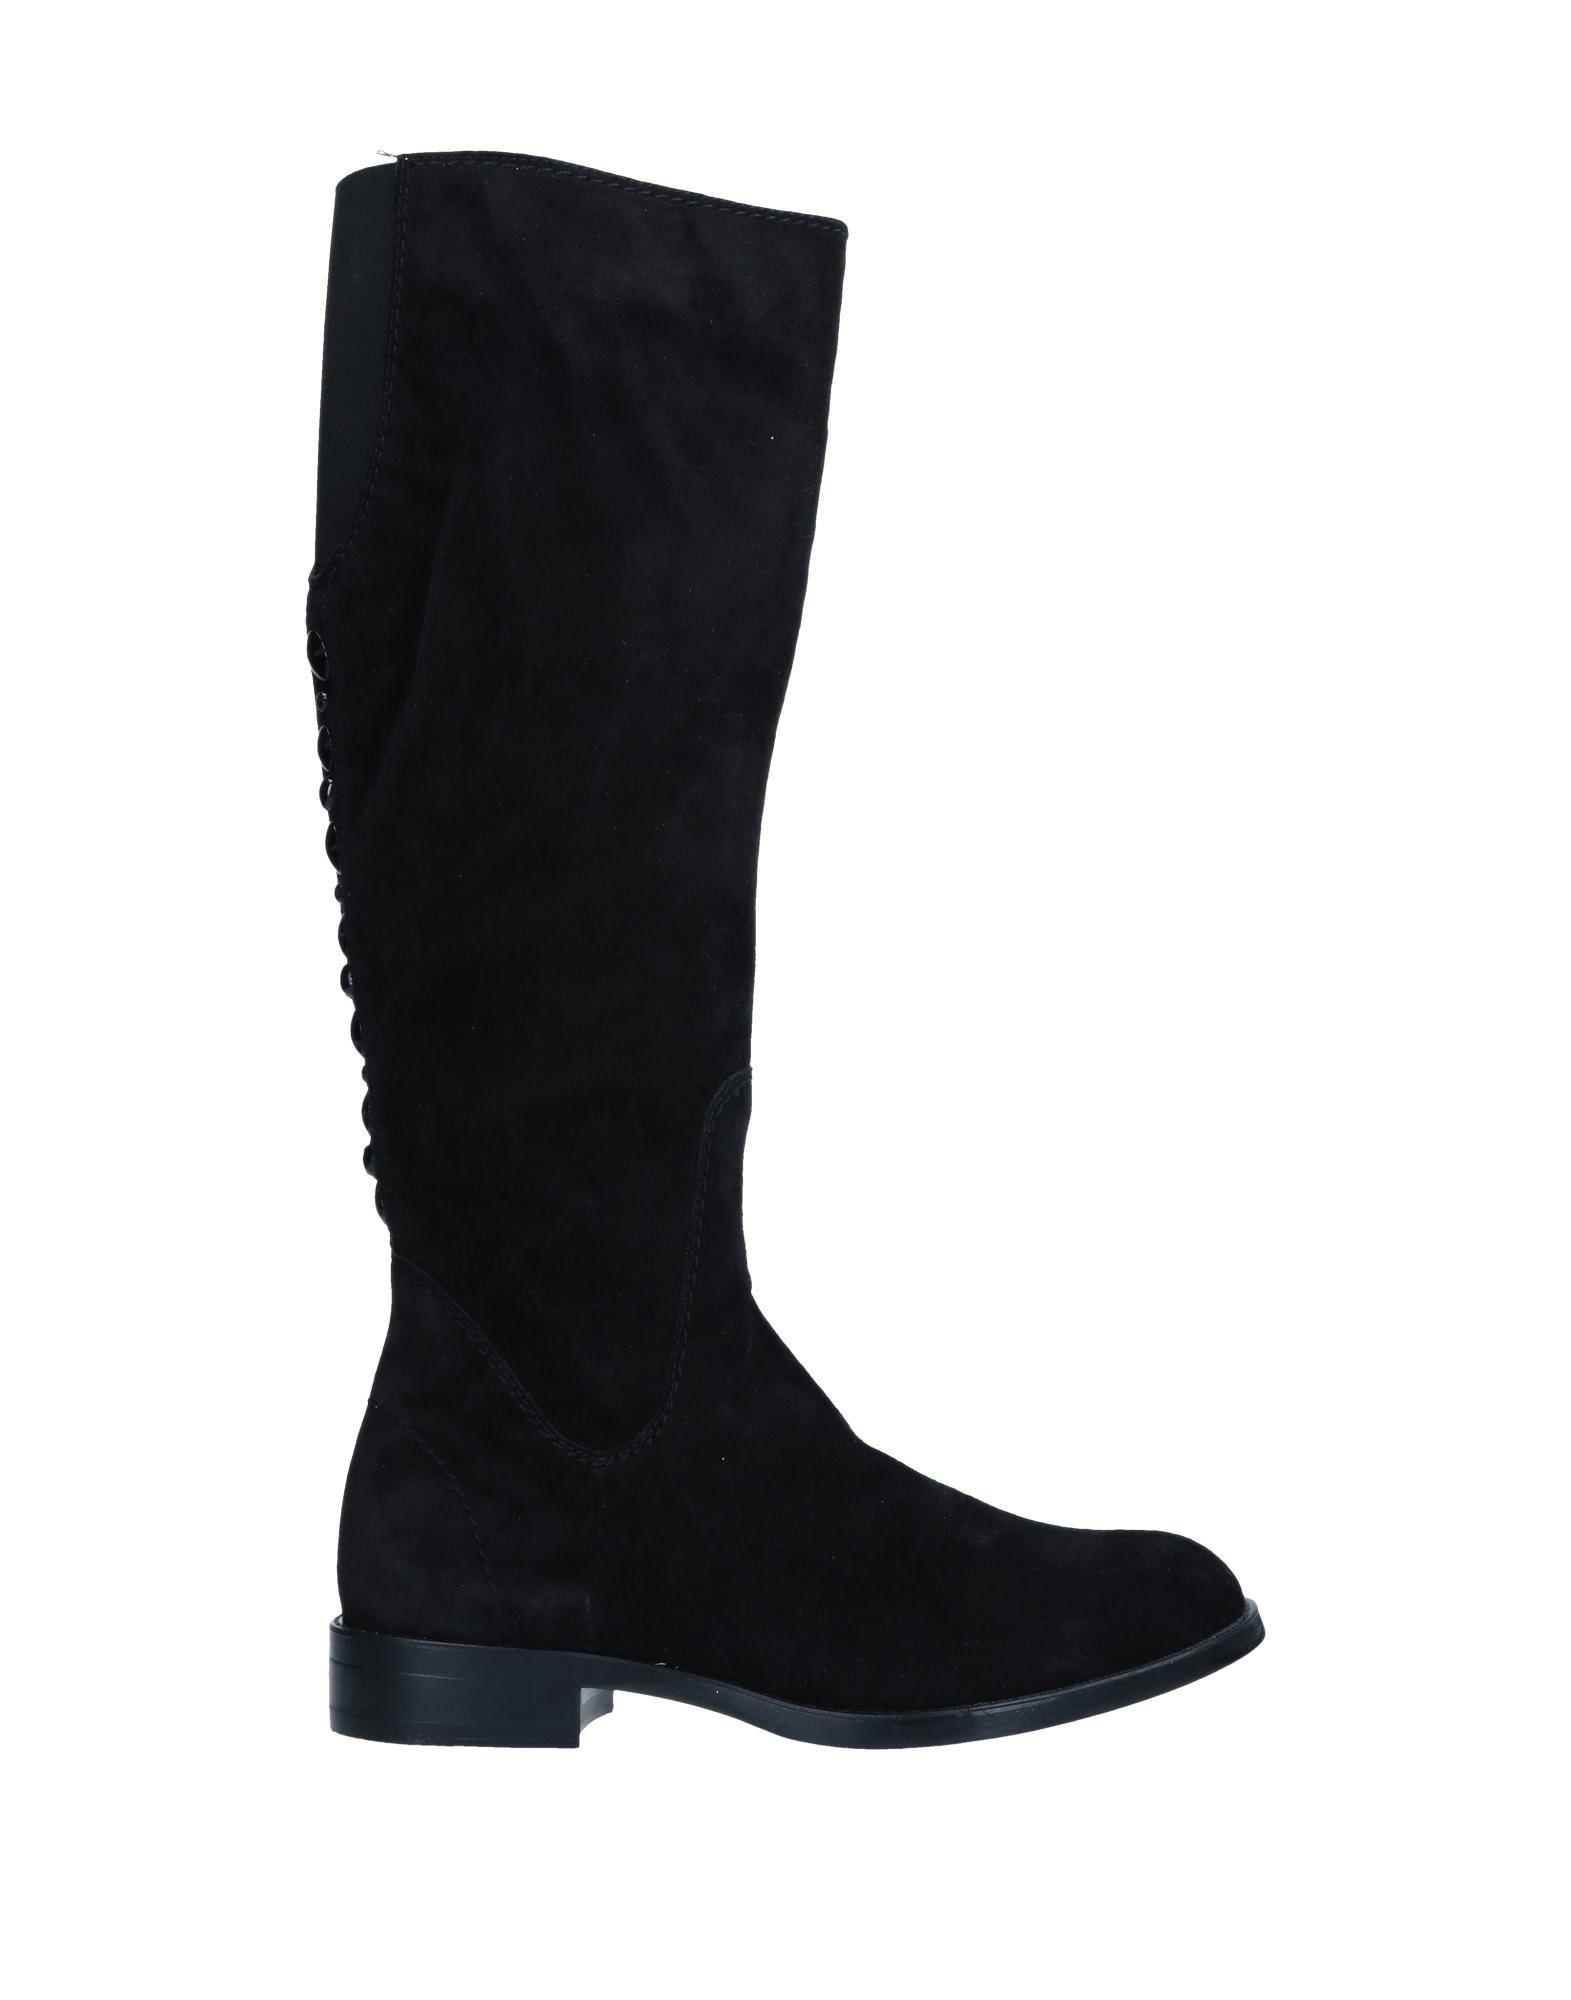 Malìparmi Stiefel Damen  11546385FPGut aussehende strapazierfähige Schuhe